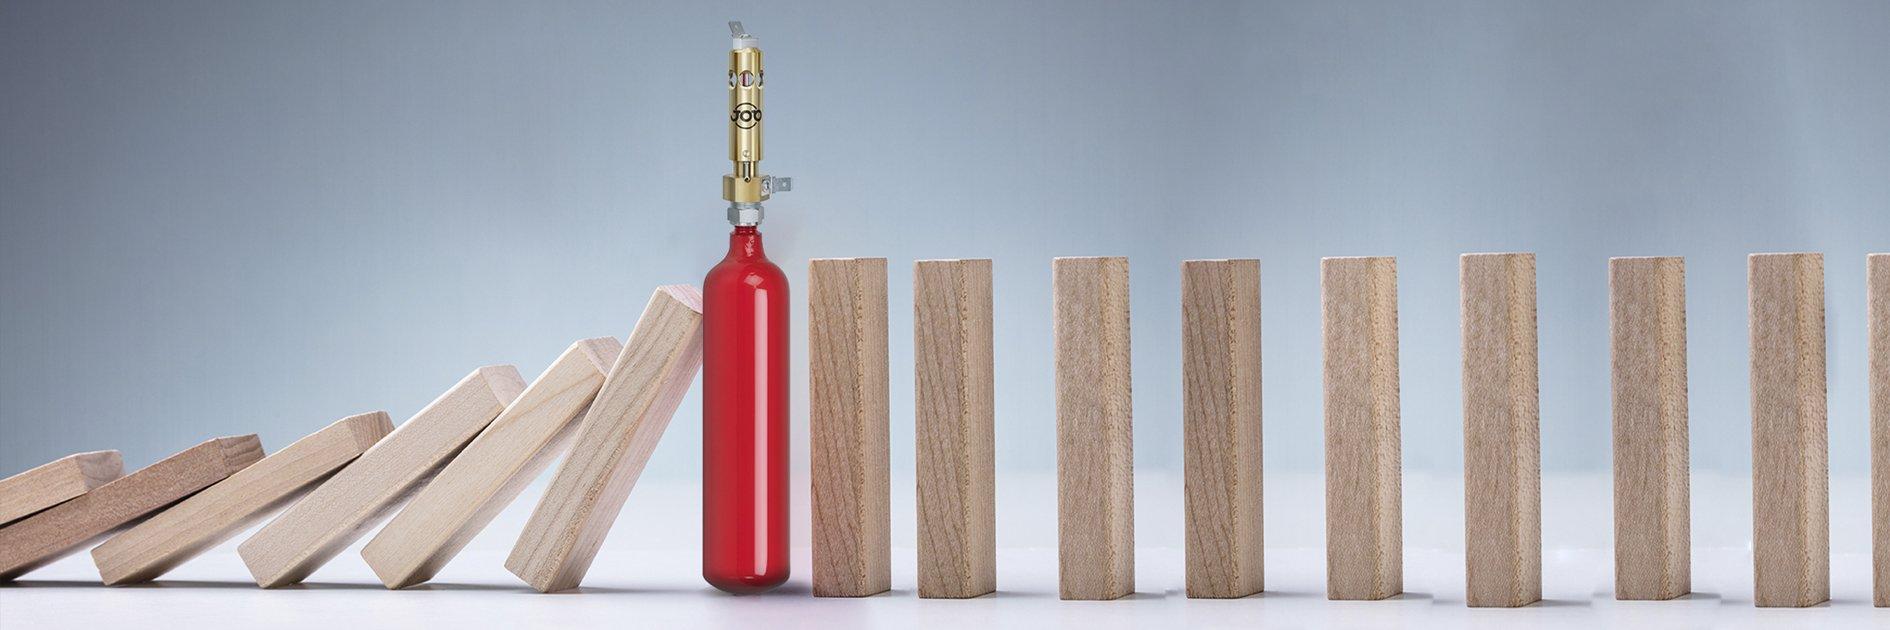 Schnell kann ein Elektrobrand zu Betriebsunterbrechungen führen. Mini-Feuerlöscher stoppen die Brandausbreitung und schützen vor Schäden